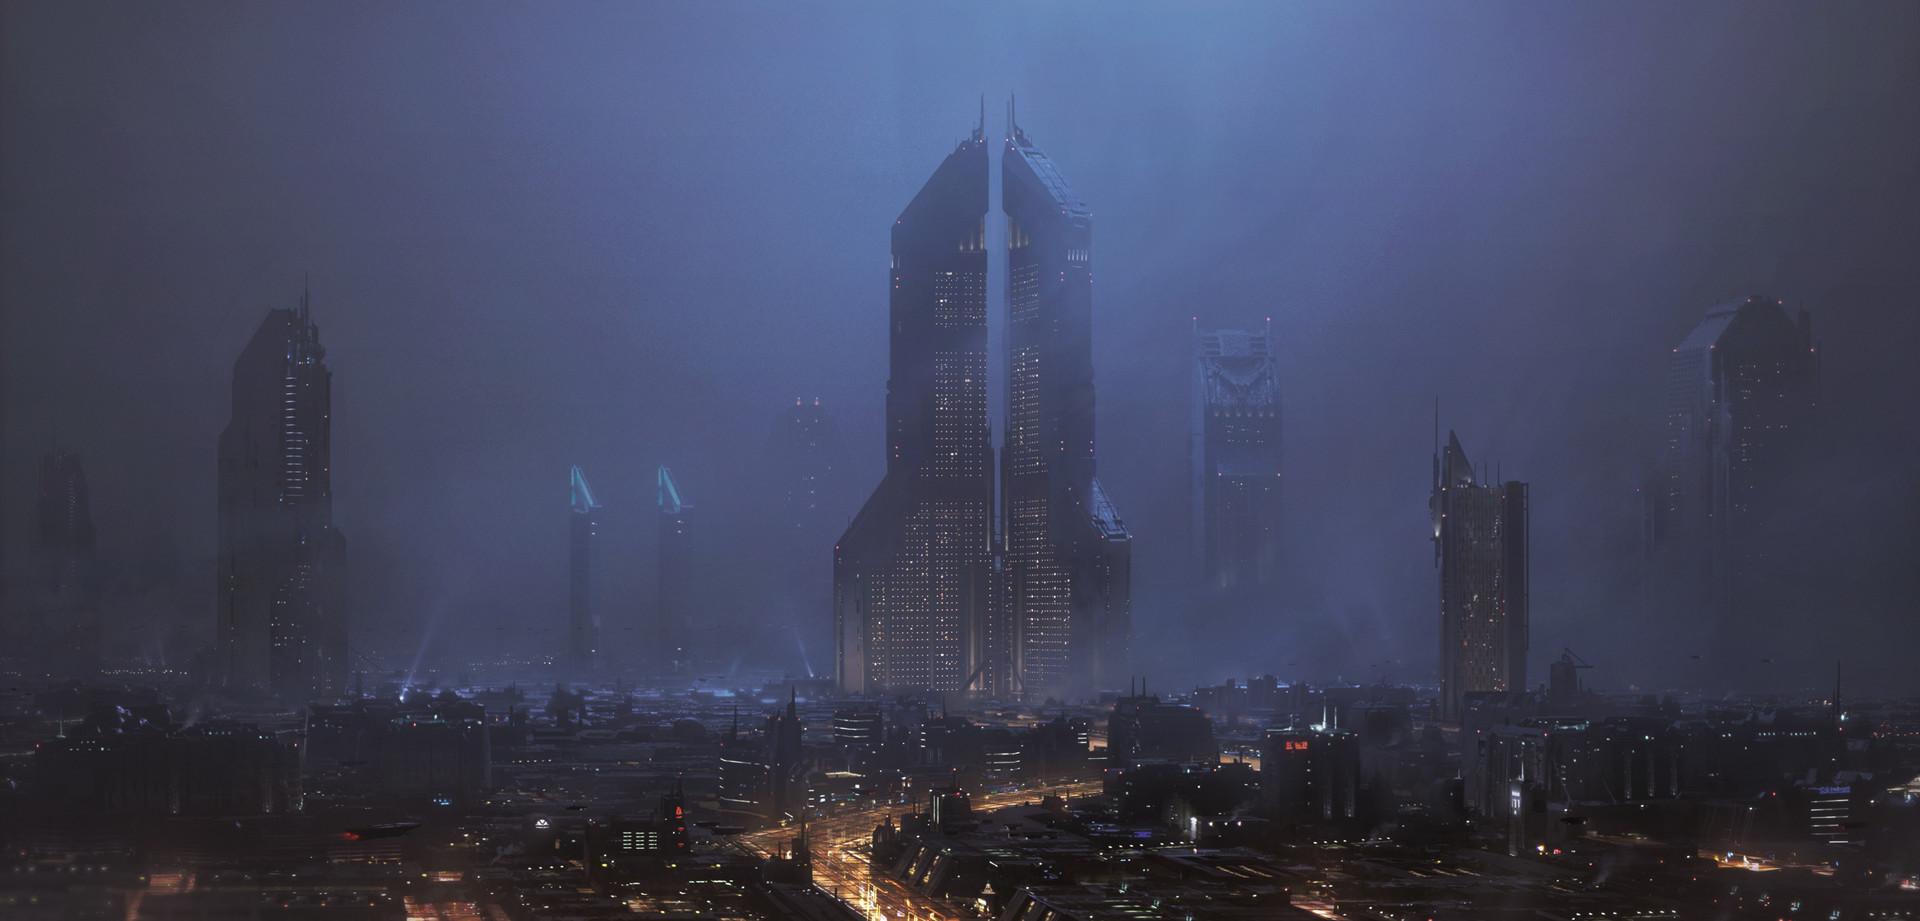 sean-vo-nilos-city-night-v02.jpg?1546114